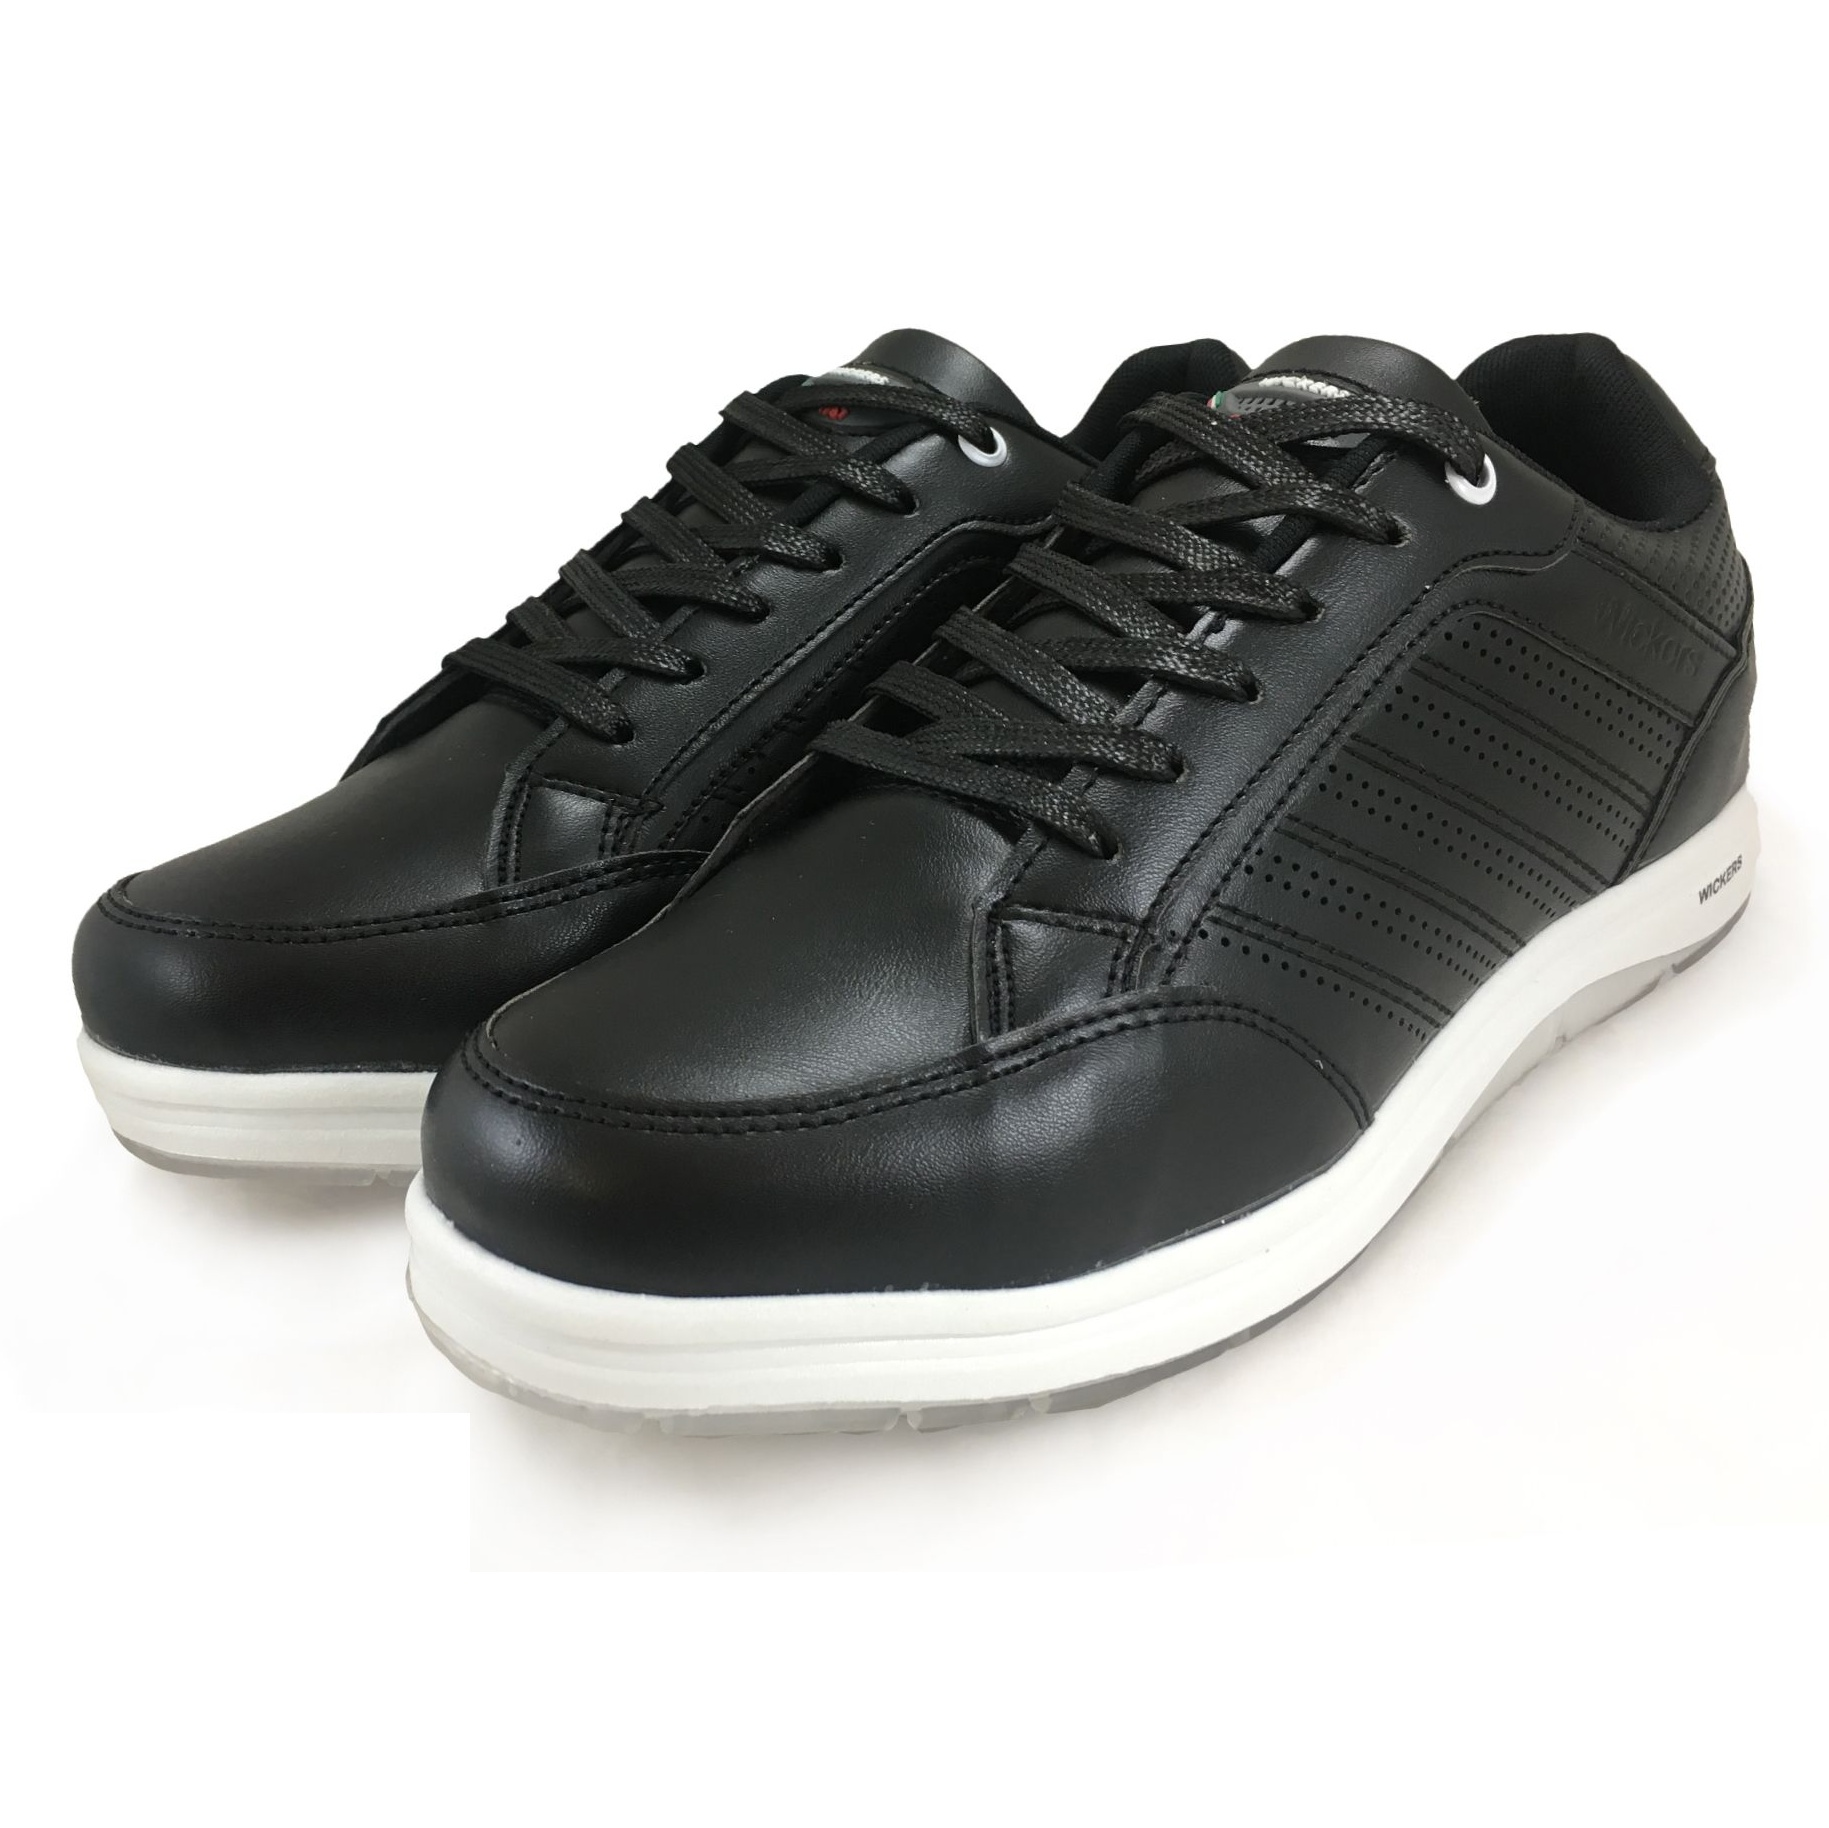 خرید                      کفش  پیاده روی مردانه مدل رهاورد کد A027